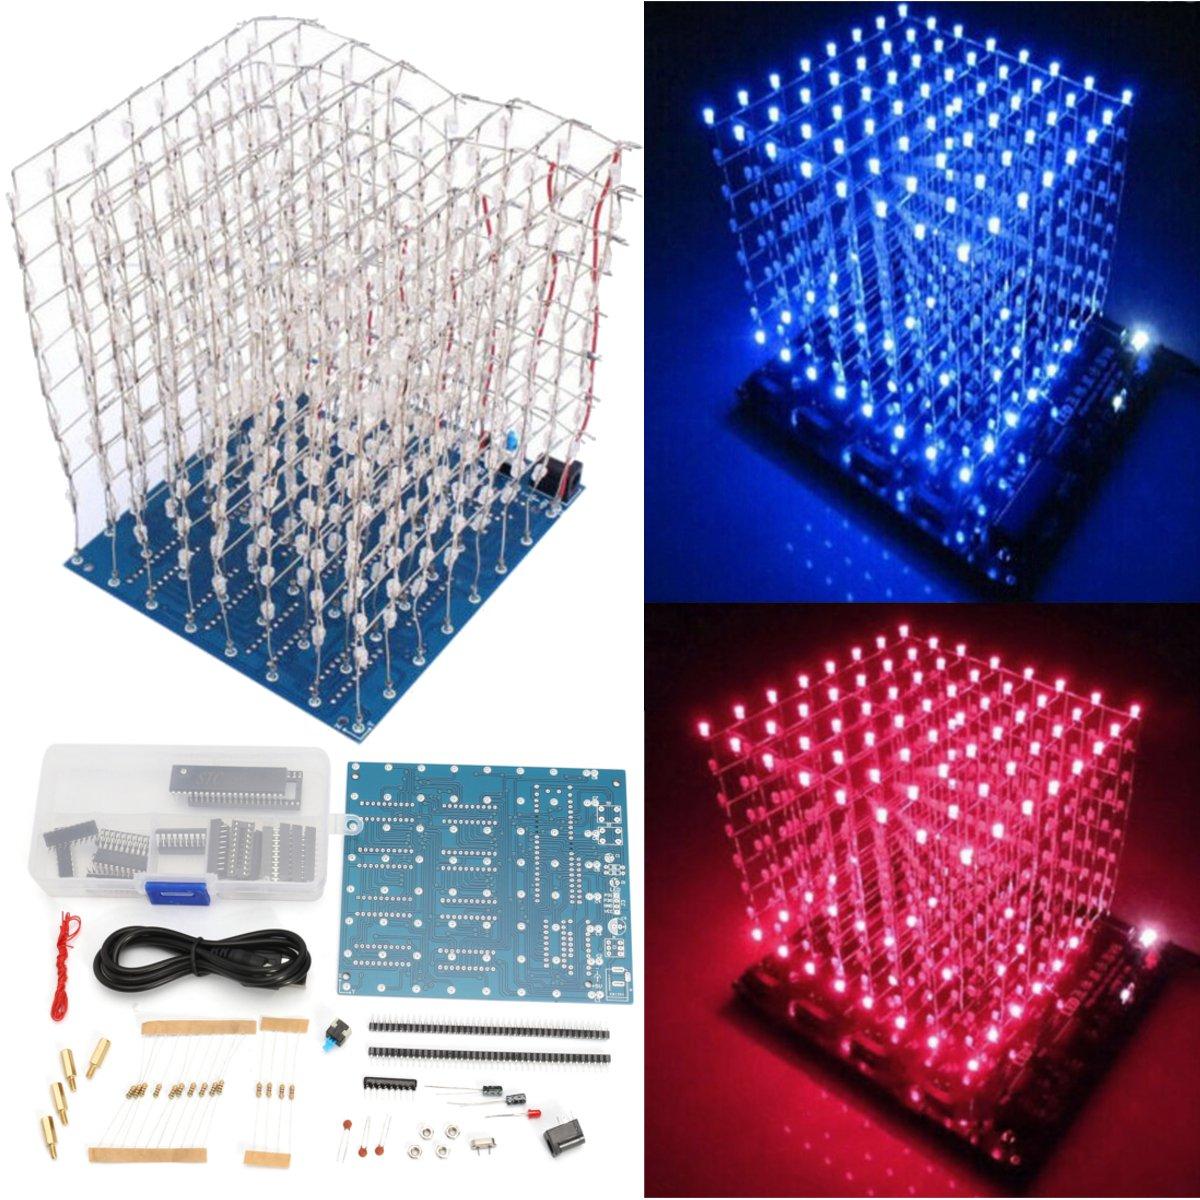 LaDicha DIY Square 8X8X8 3D Lumi/ère /Électronique Cube Kit Bleu Rouge LED Spectrum Conseil